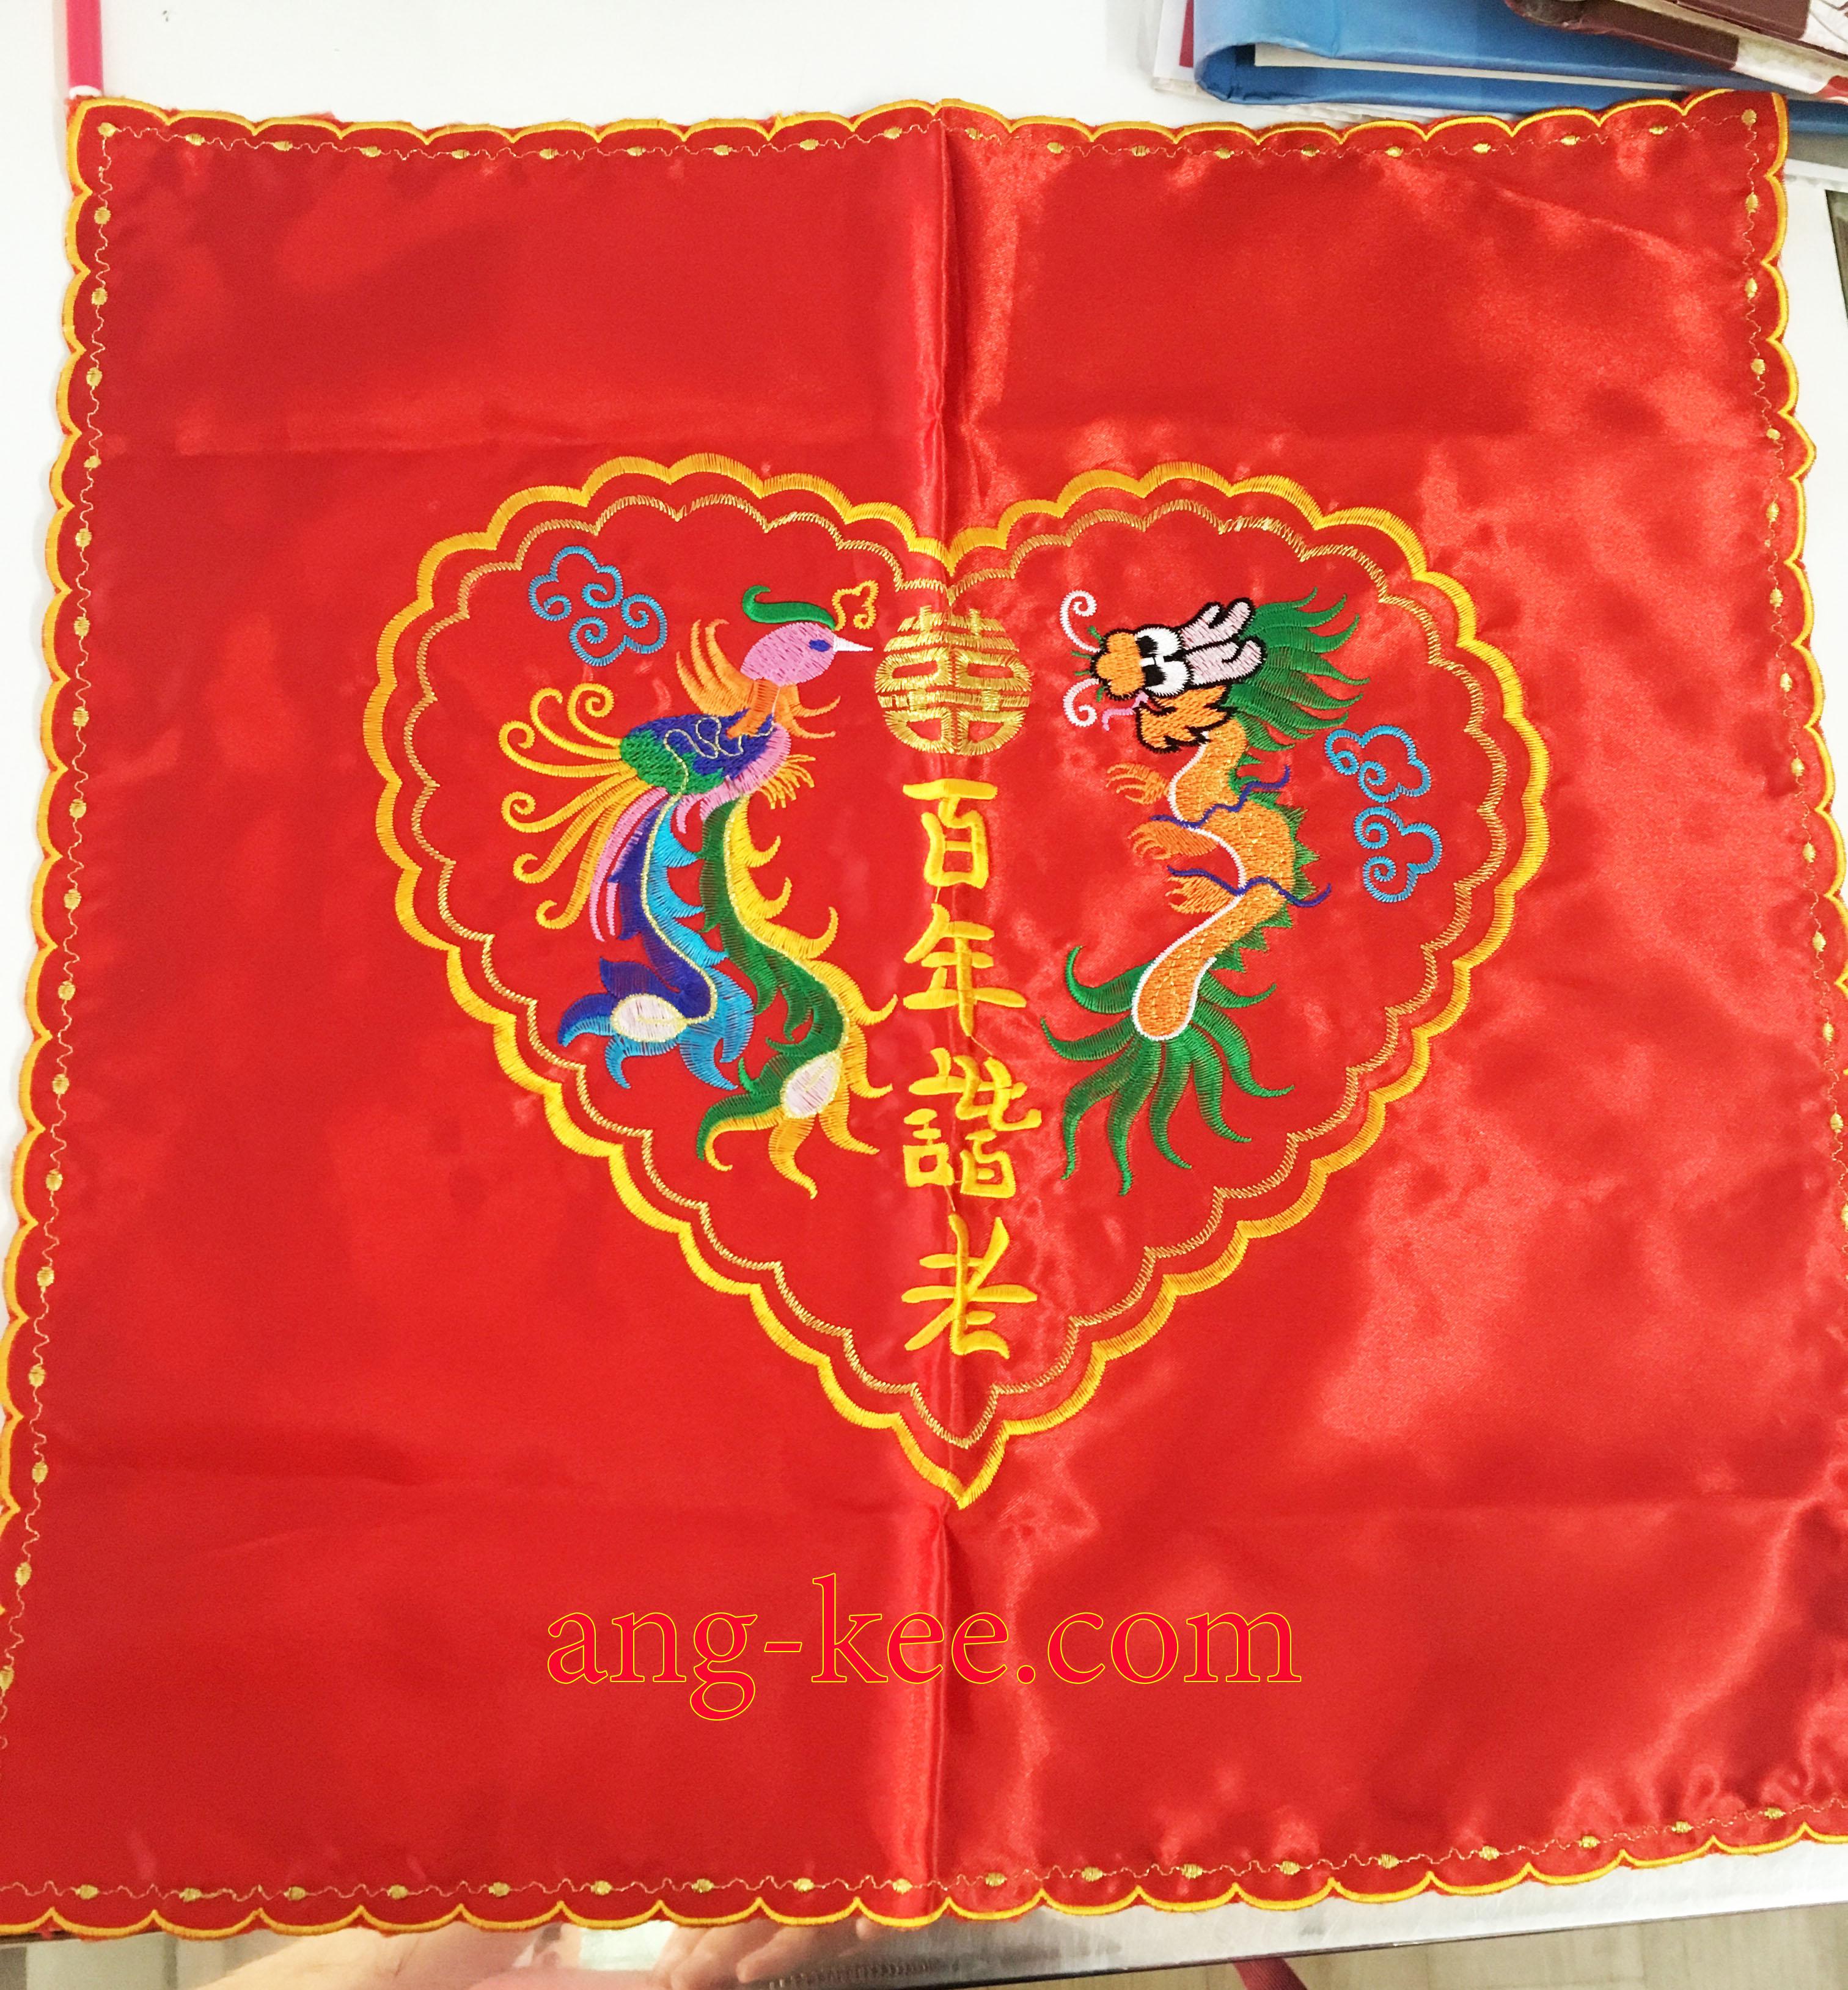 ผ้ารองพานสินสอดของฝ่ายชายมีลายหงษ์มังกรซังฮี่ใช้สำหรับพิธีหมั้นยกน้ำชาแบบจีน